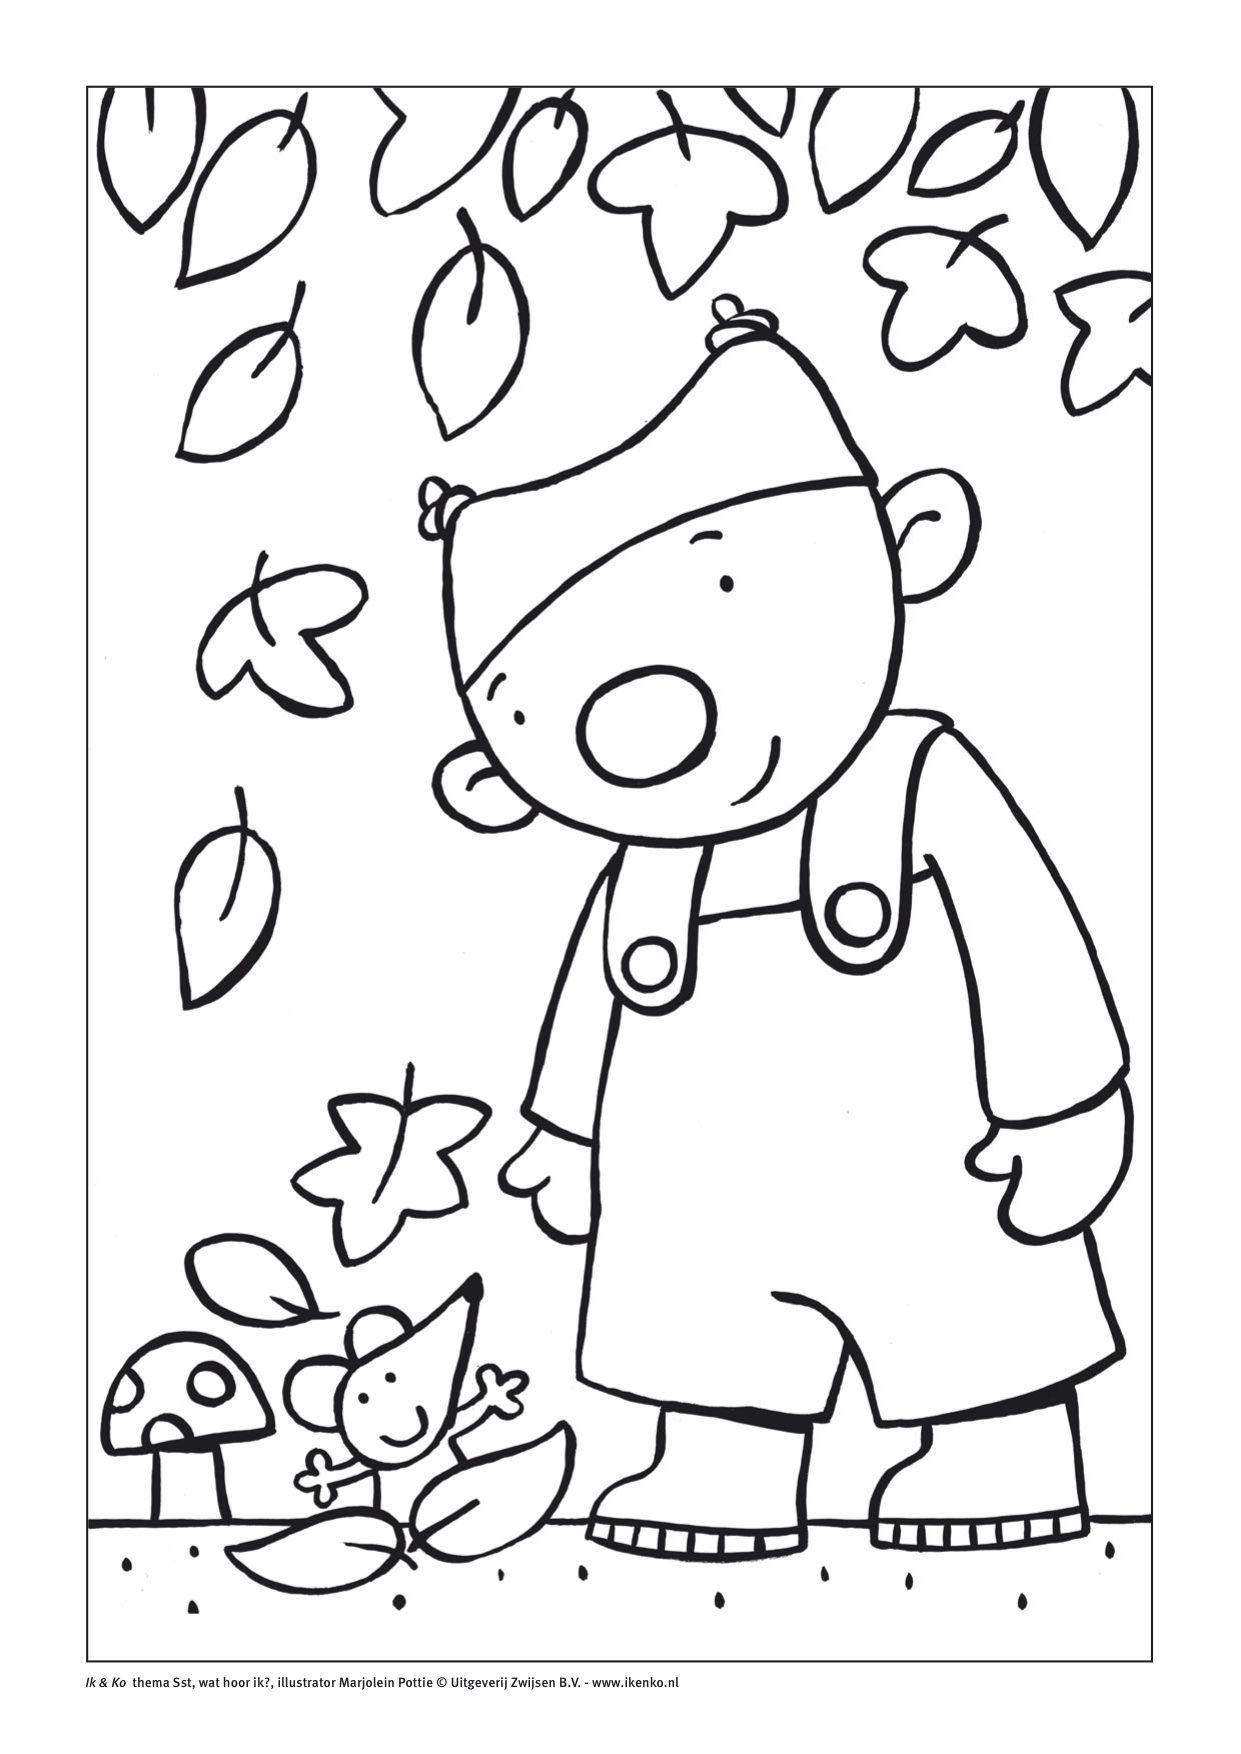 Afbeeldingsresultaat Voor Ik En Ko Kleurplaat Kleurplaten Ramen Verven Voor Kinderen